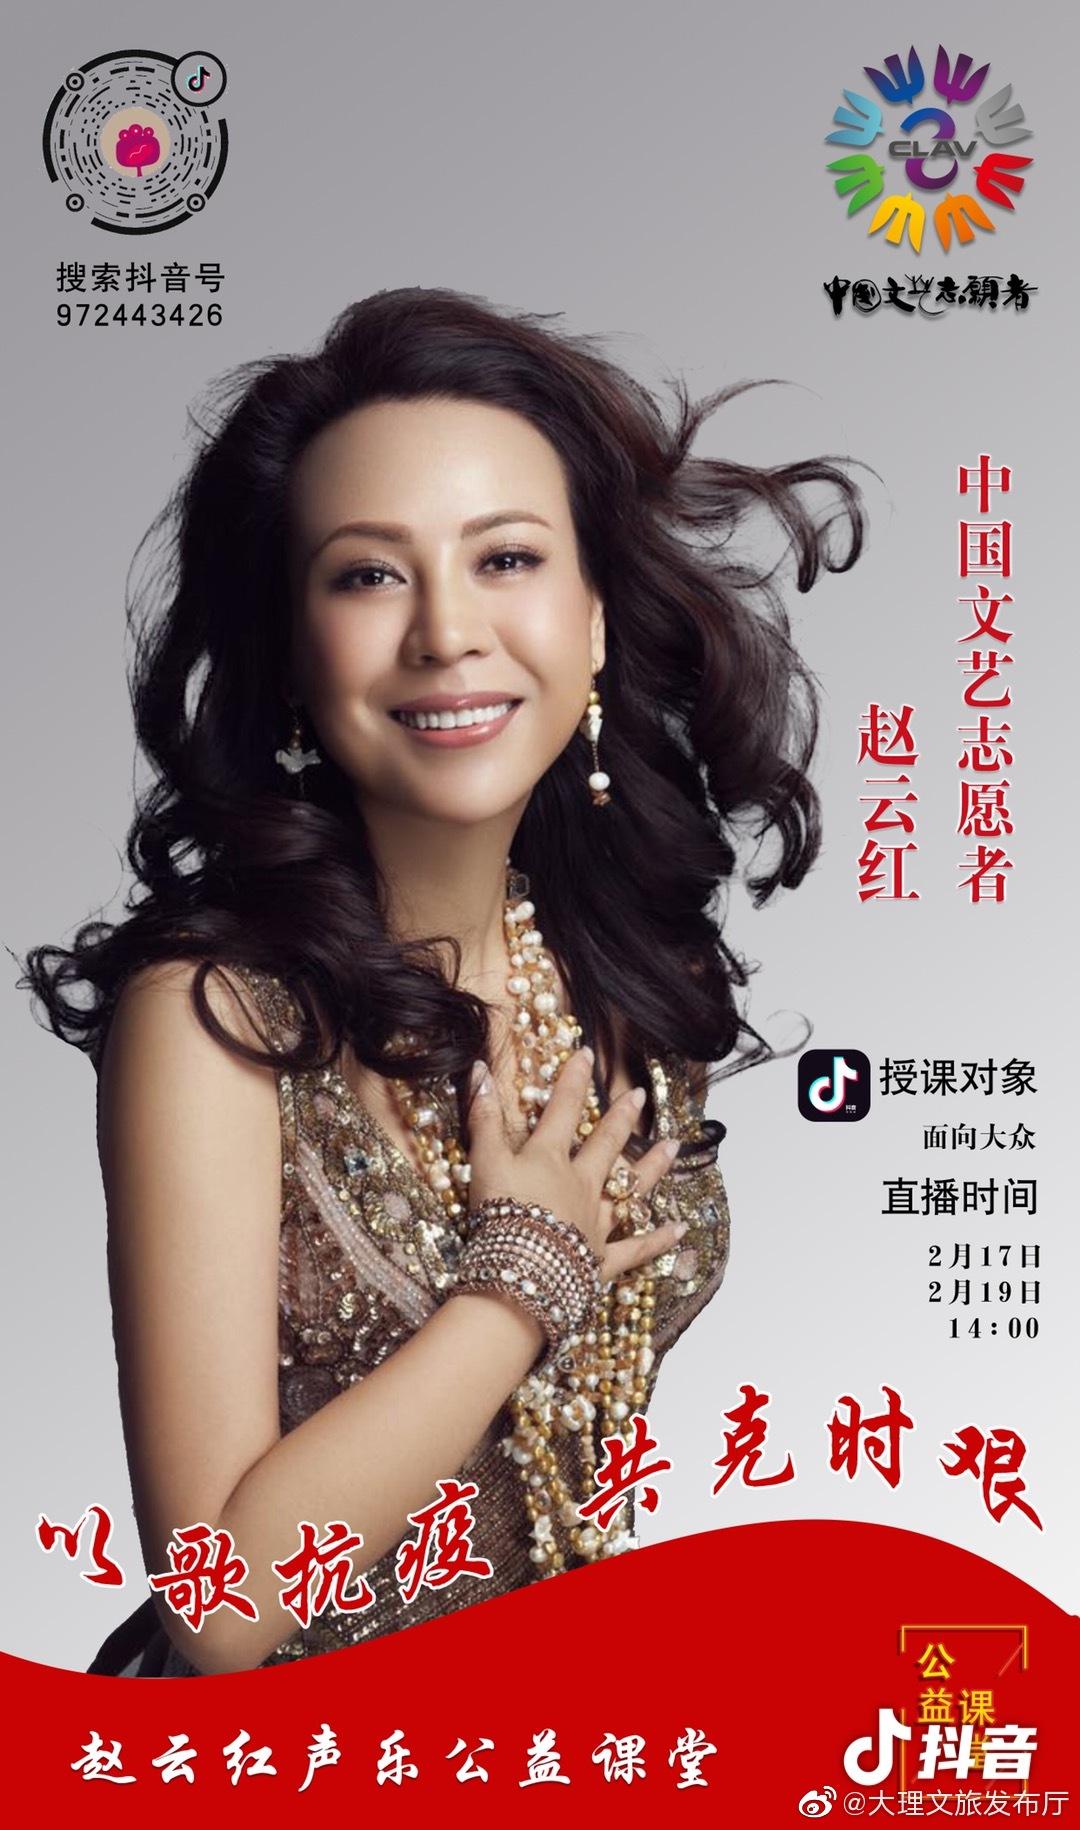 赵云红声乐公益课堂,2月17日、19日抖音号(972443426)准点开始